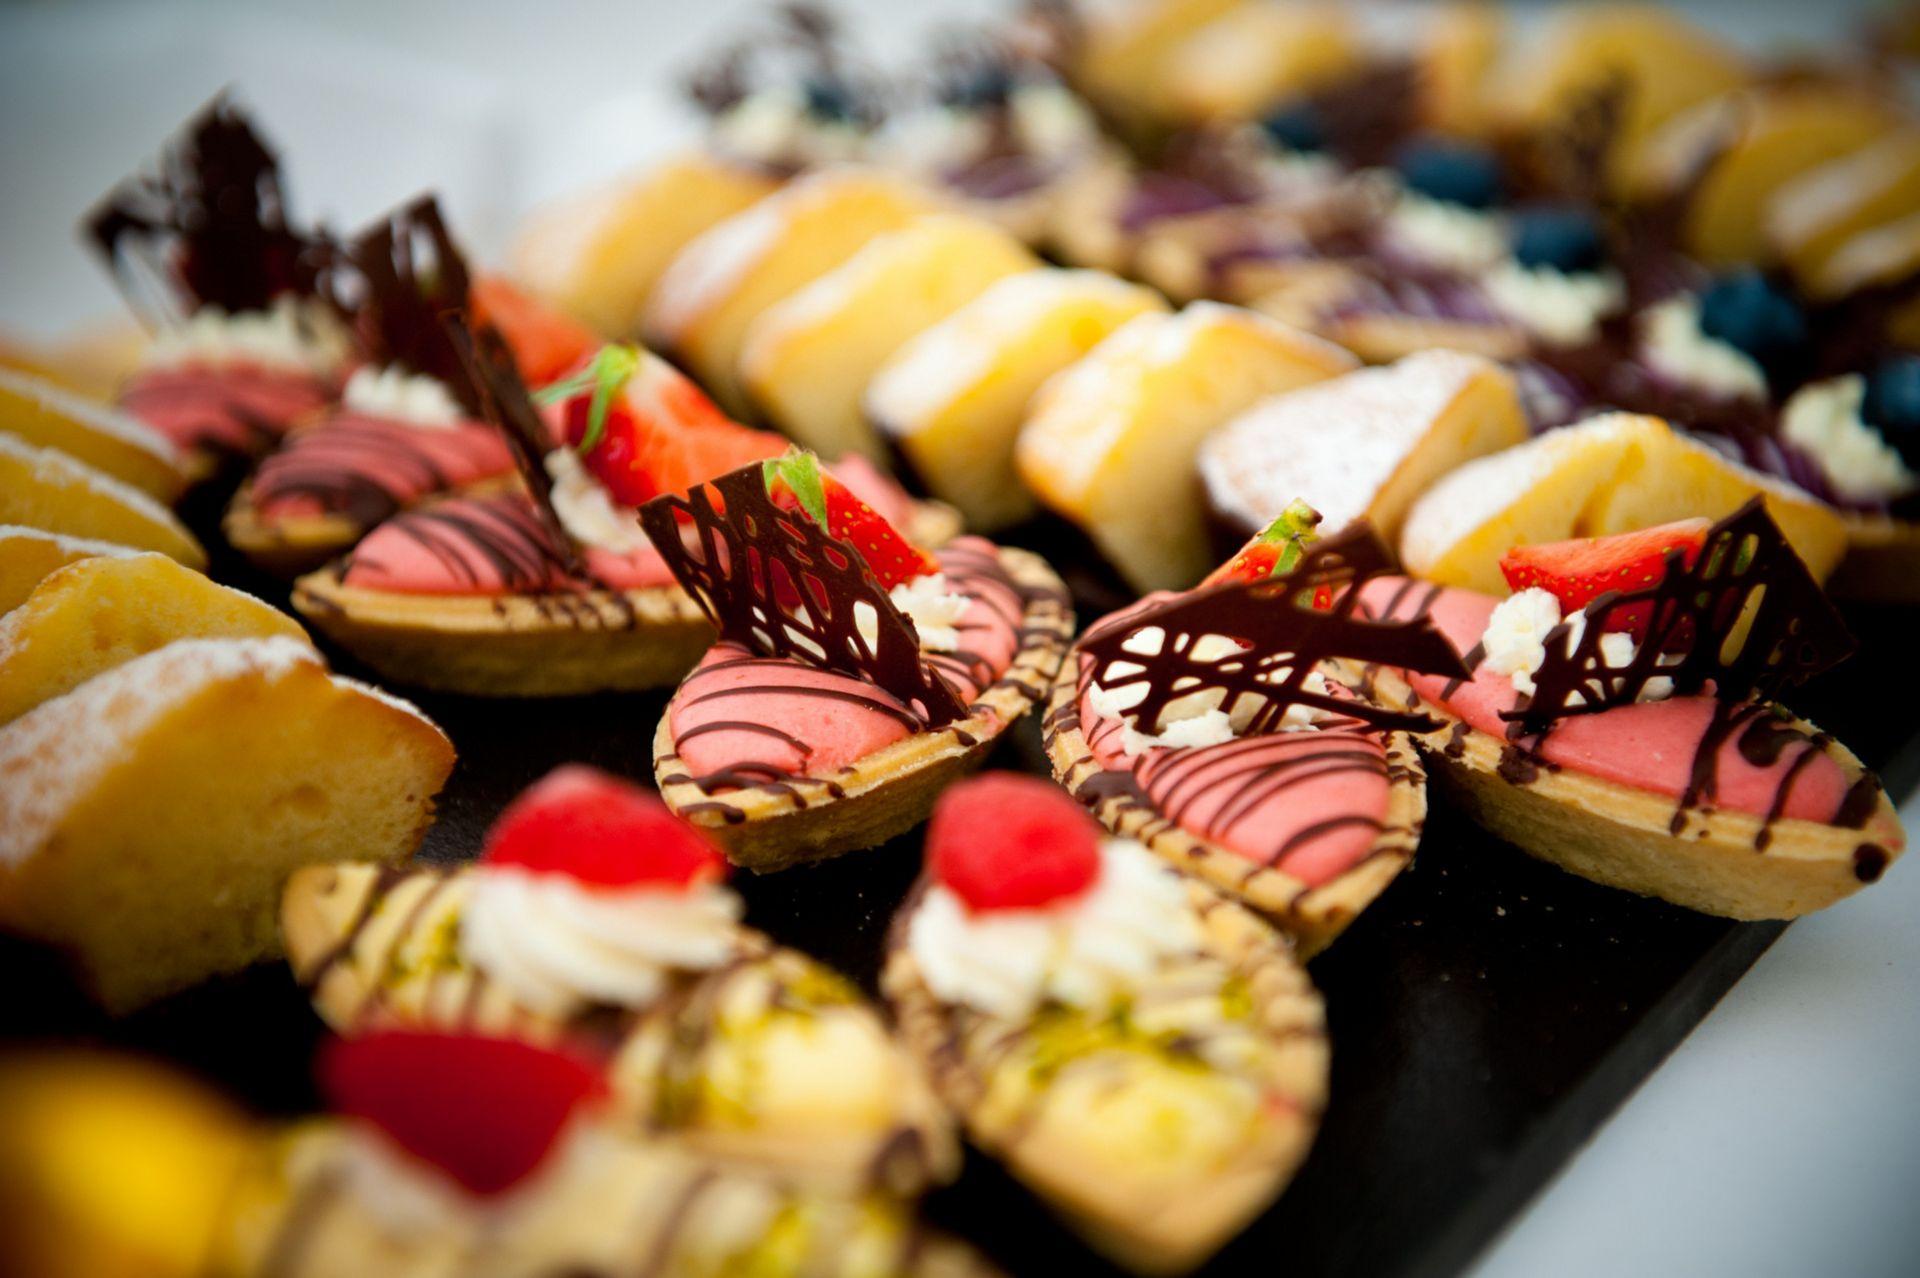 Nahaufnahme von Platte mit kleinen Dessertvariationen